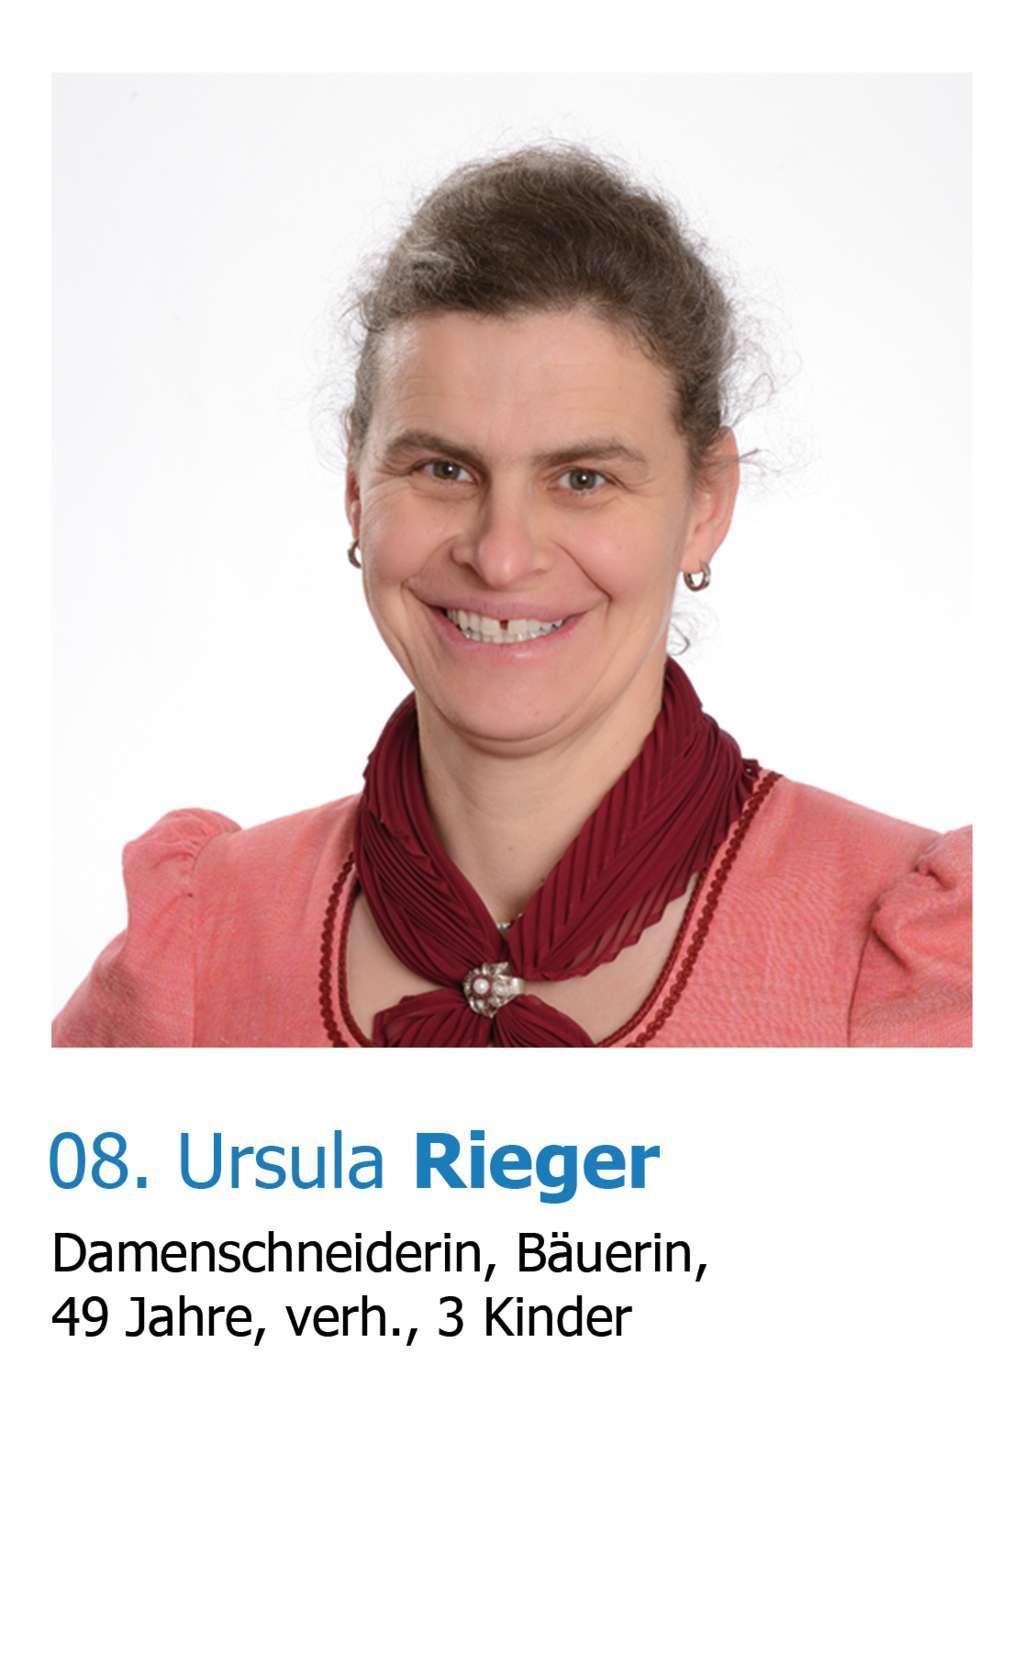 Ursula Rieger